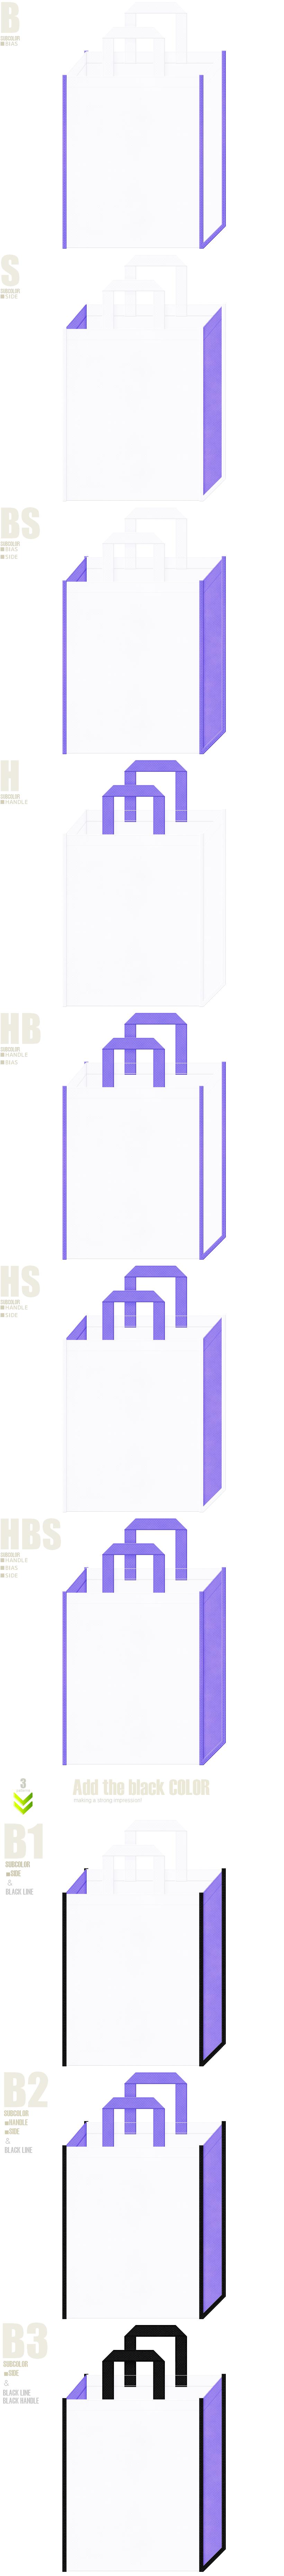 展示会用バッグ・スポーツイベント・理容・クール・衛生・サービスロボット・産業ロボット・医療施設・福祉施設・保育施設・介護施設・歯学部・理学部・工学部・学校・学園・オープンキャンパスにお奨めの不織布バッグデザイン:白色と薄紫色のコーデ10パターン